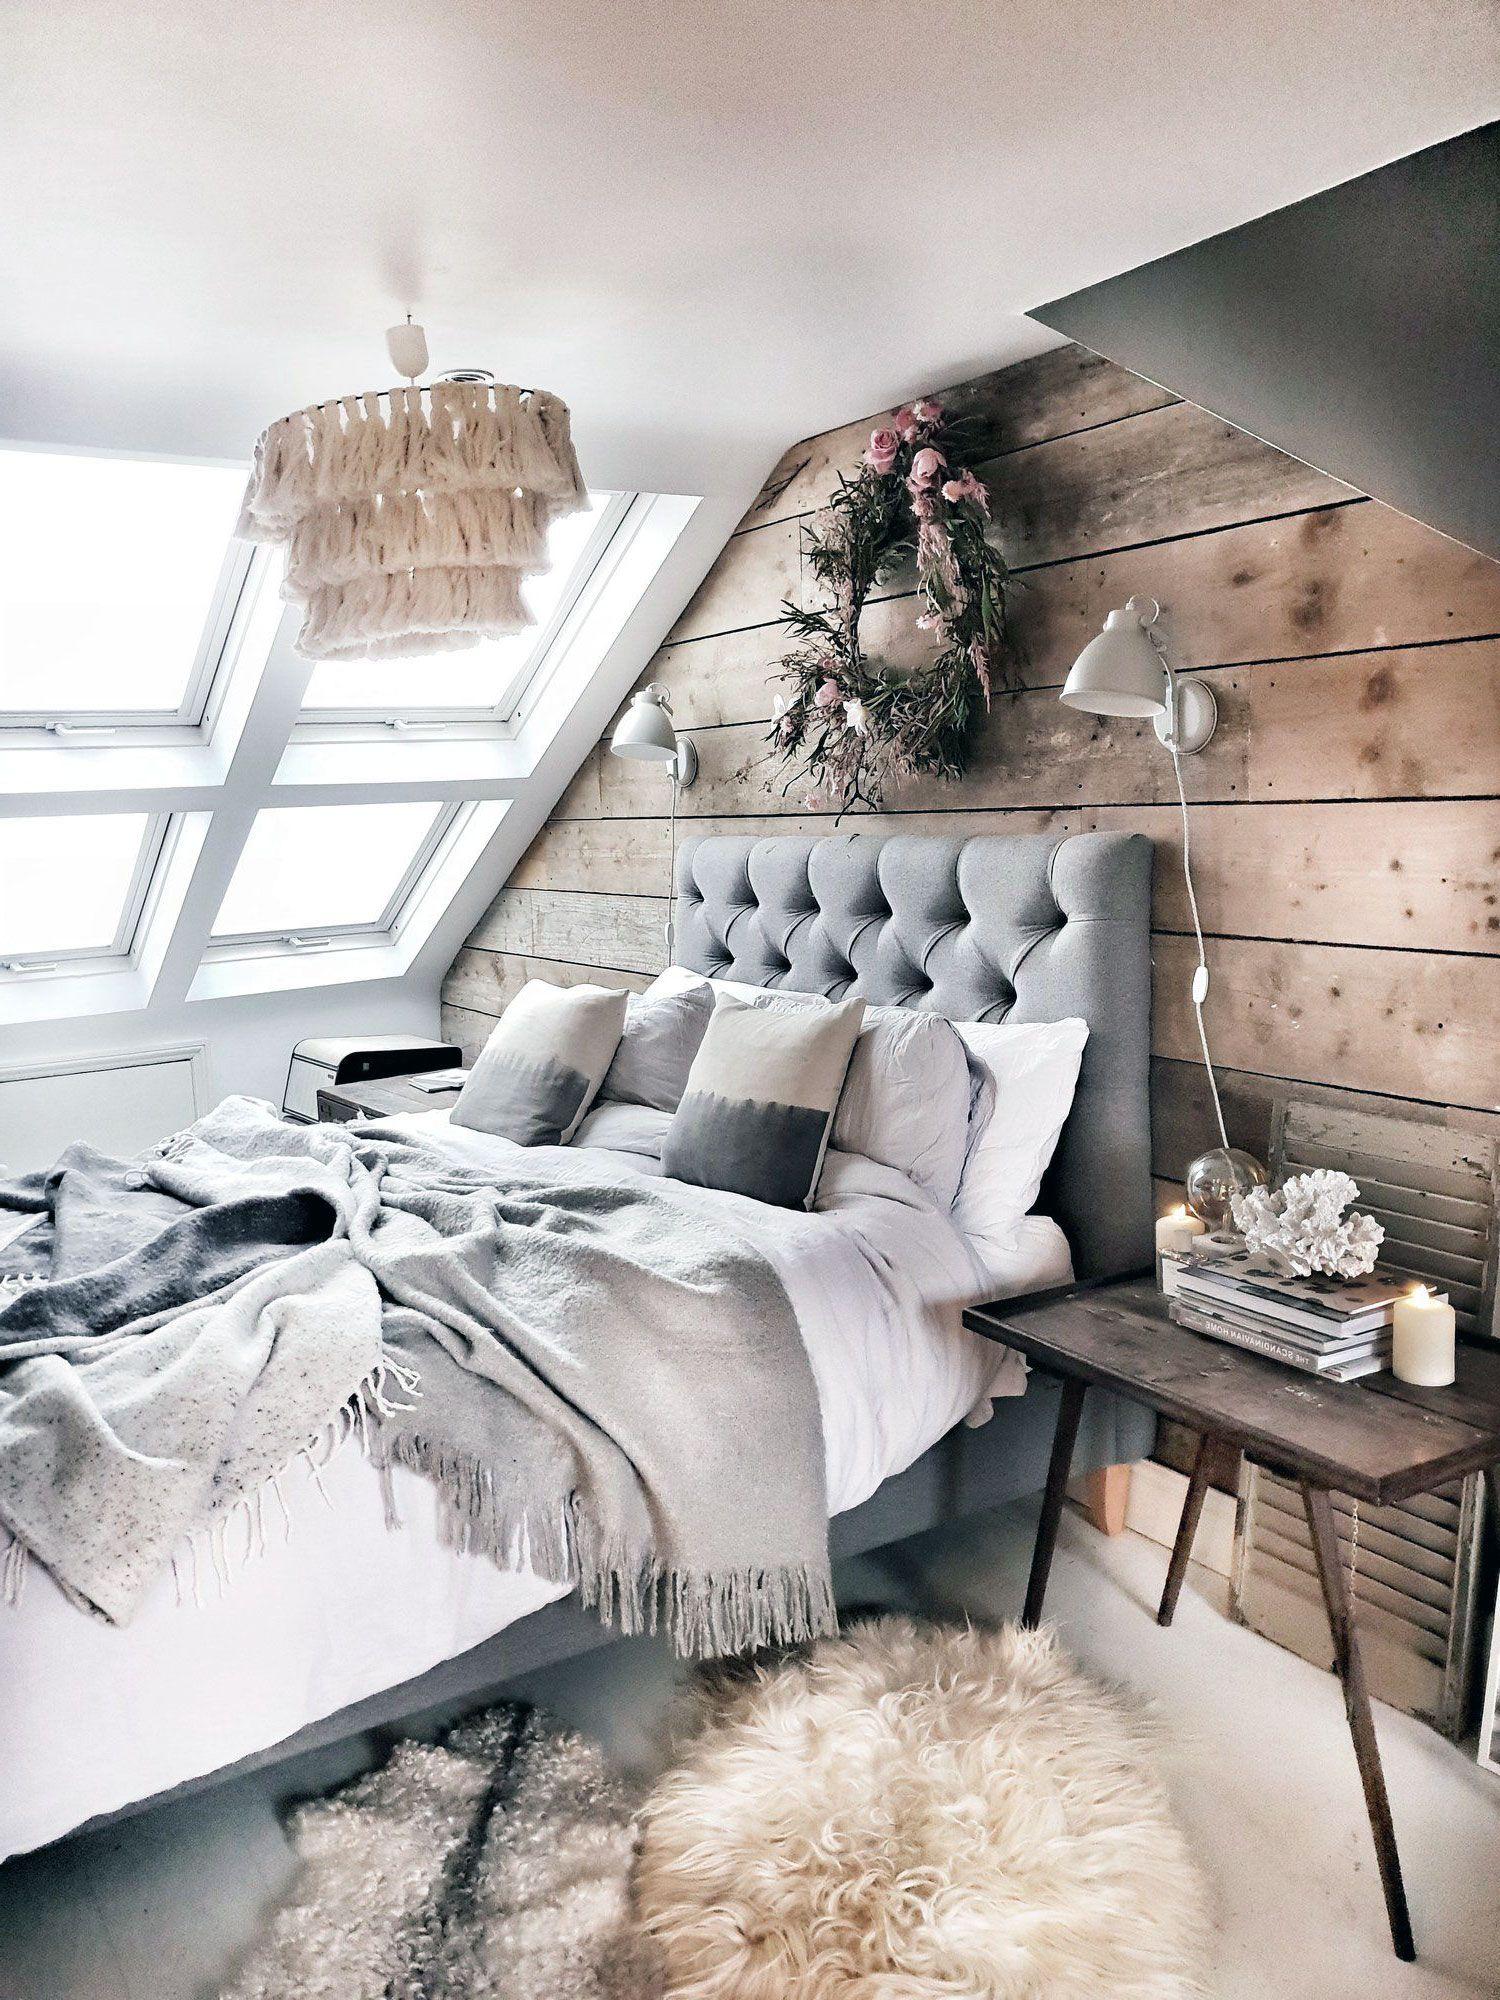 31 Magnificent Rustic Scandinavian Interior Bedroom Inspiration In 2020 Scandinavian Interior Design Bedroom Scandinavian Interior Bedroom Scandinavian Interior Design